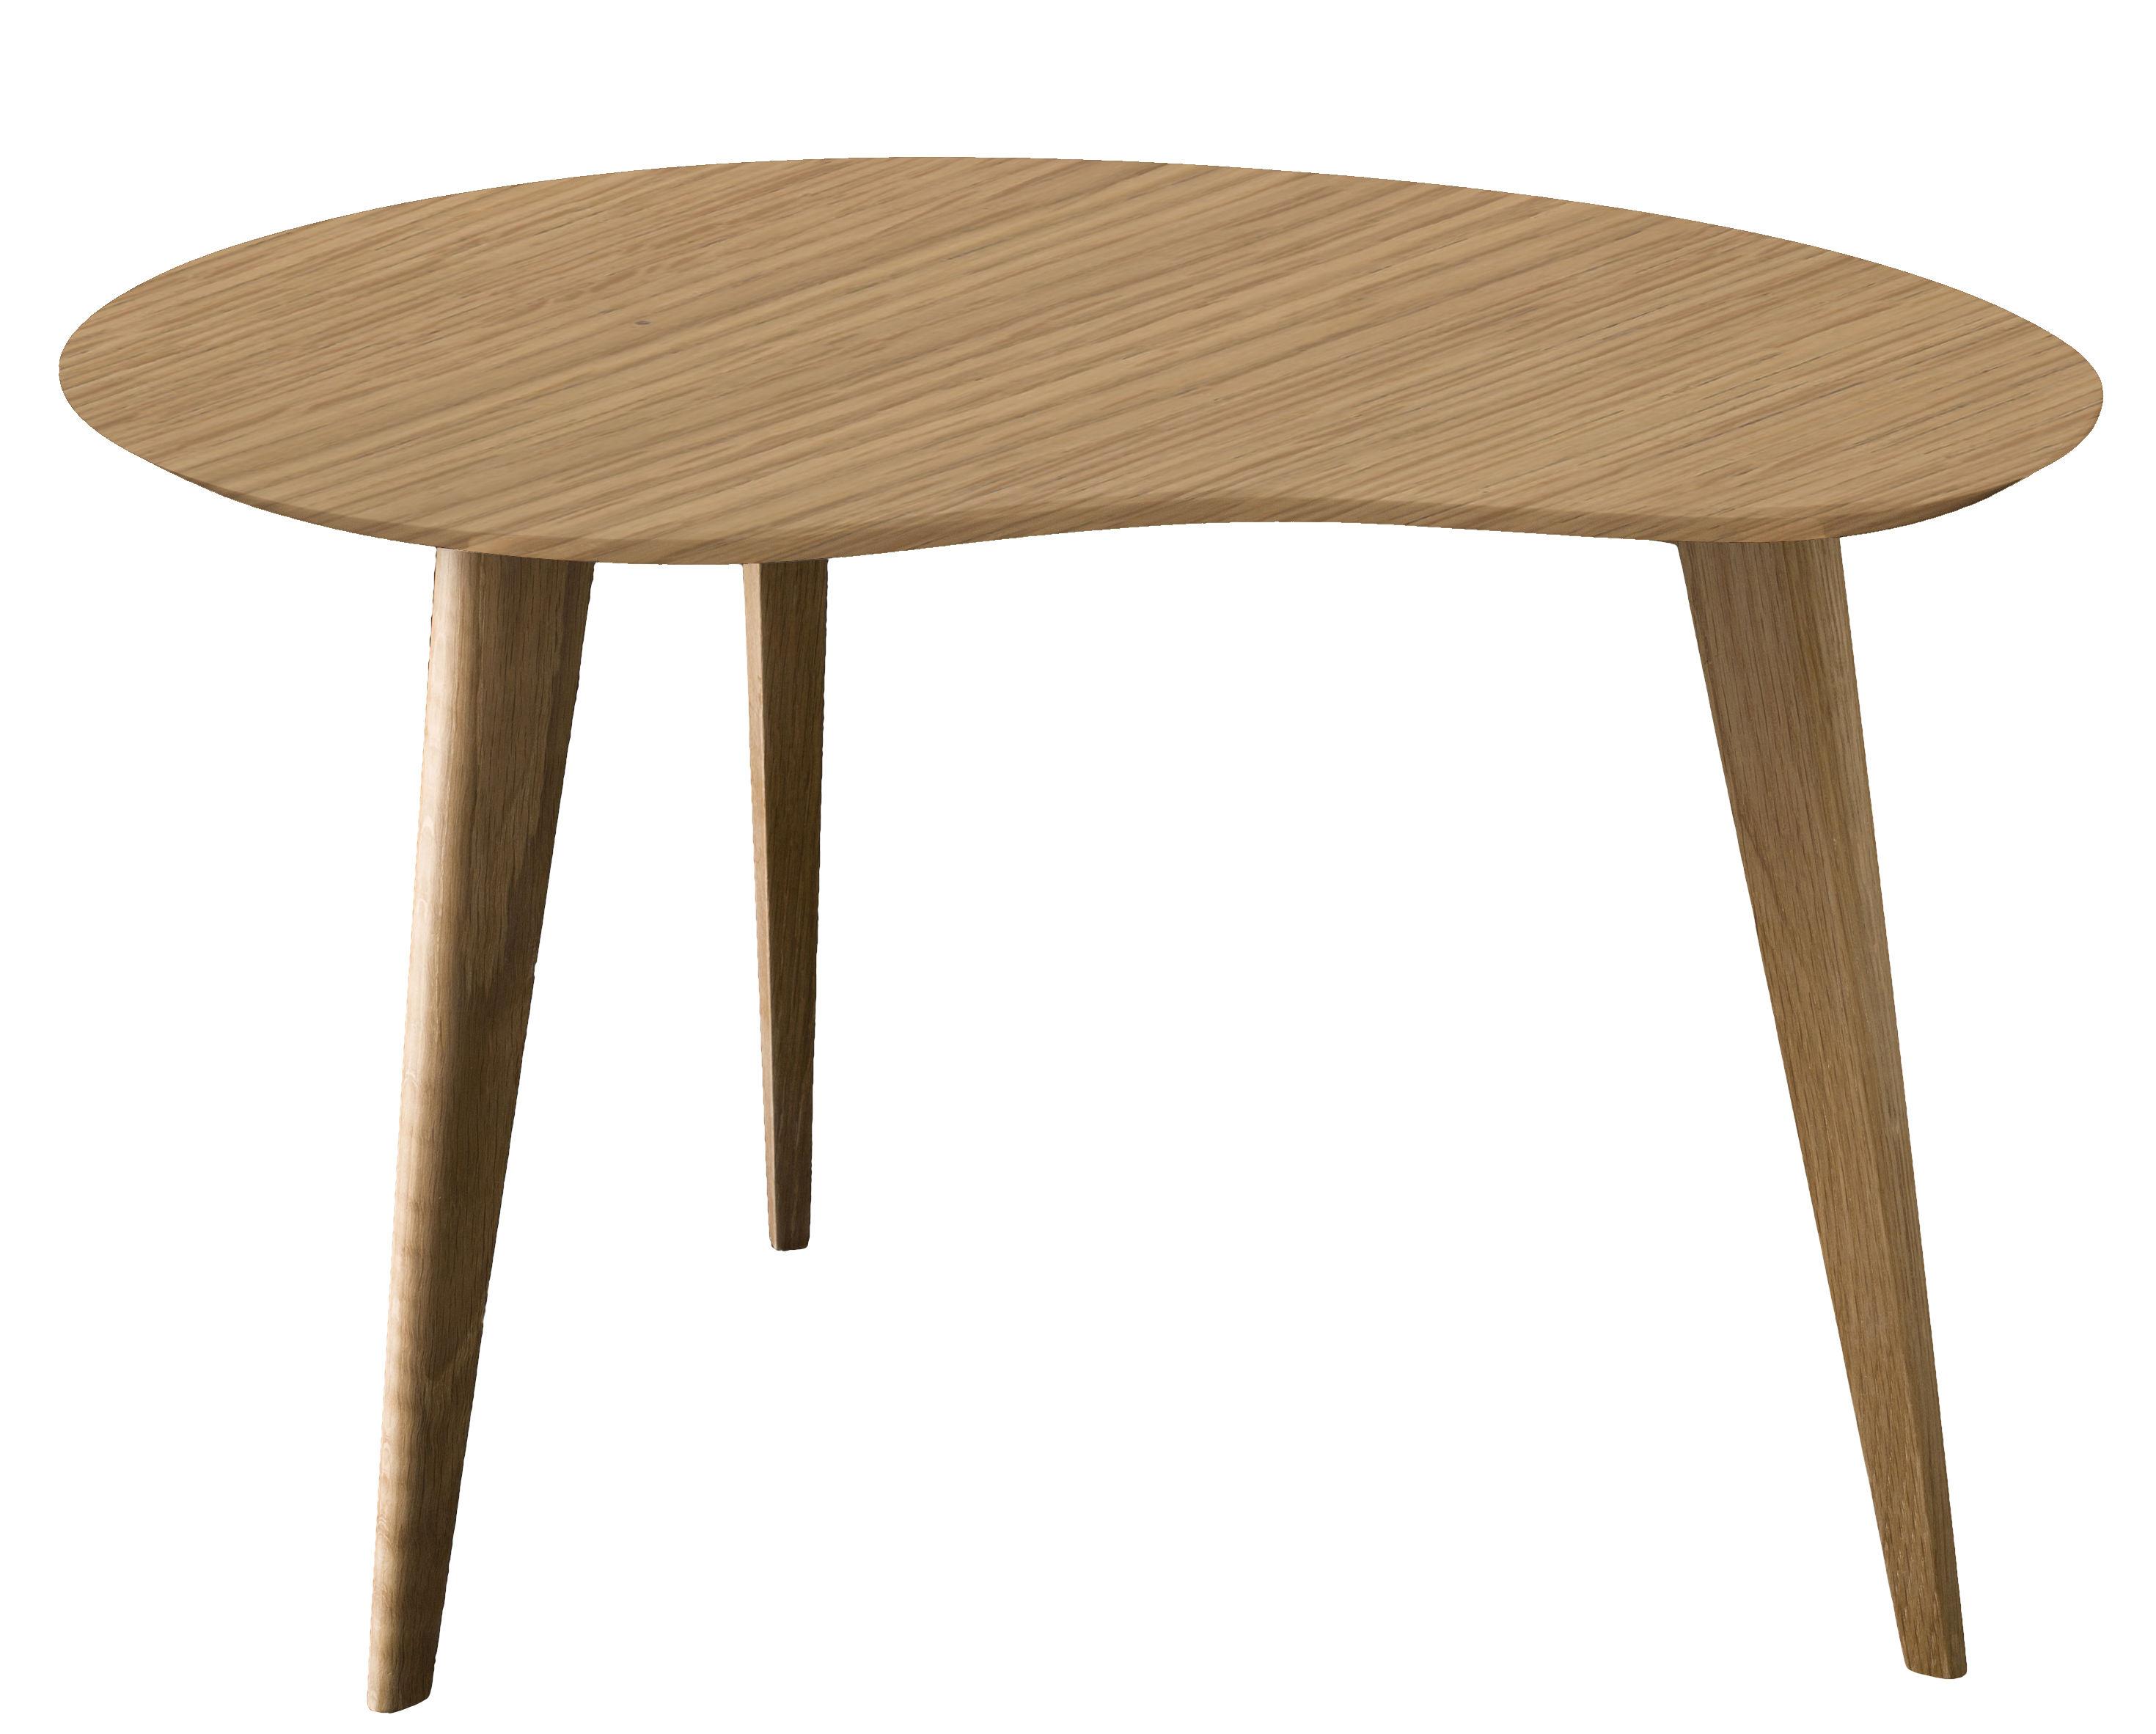 Möbel - Couchtische - Lalinde Couchtisch Nierentisch - groß / Tischbeine aus Holz - Sentou Edition - Eichenholz /Tischbeine dunkles Holz - Holzfaserplatte, klarlackbeschichtete Eiche